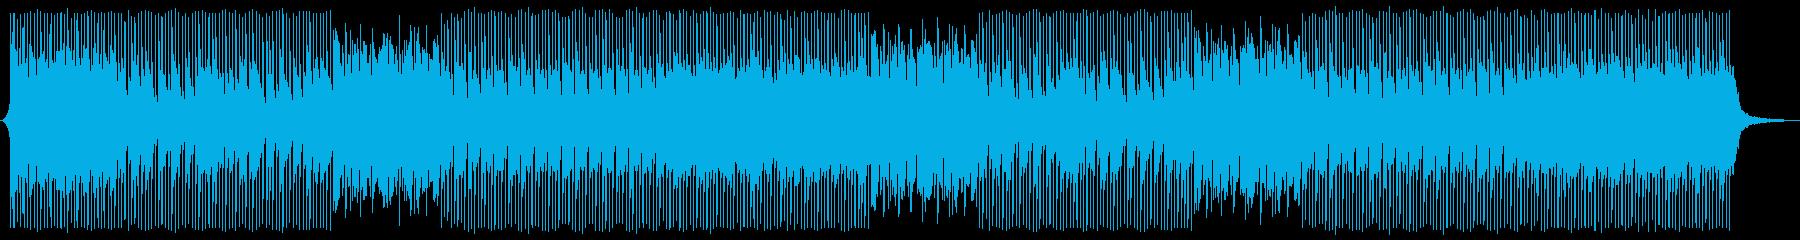 ベース無しver 光へ キラキラ 華やかの再生済みの波形